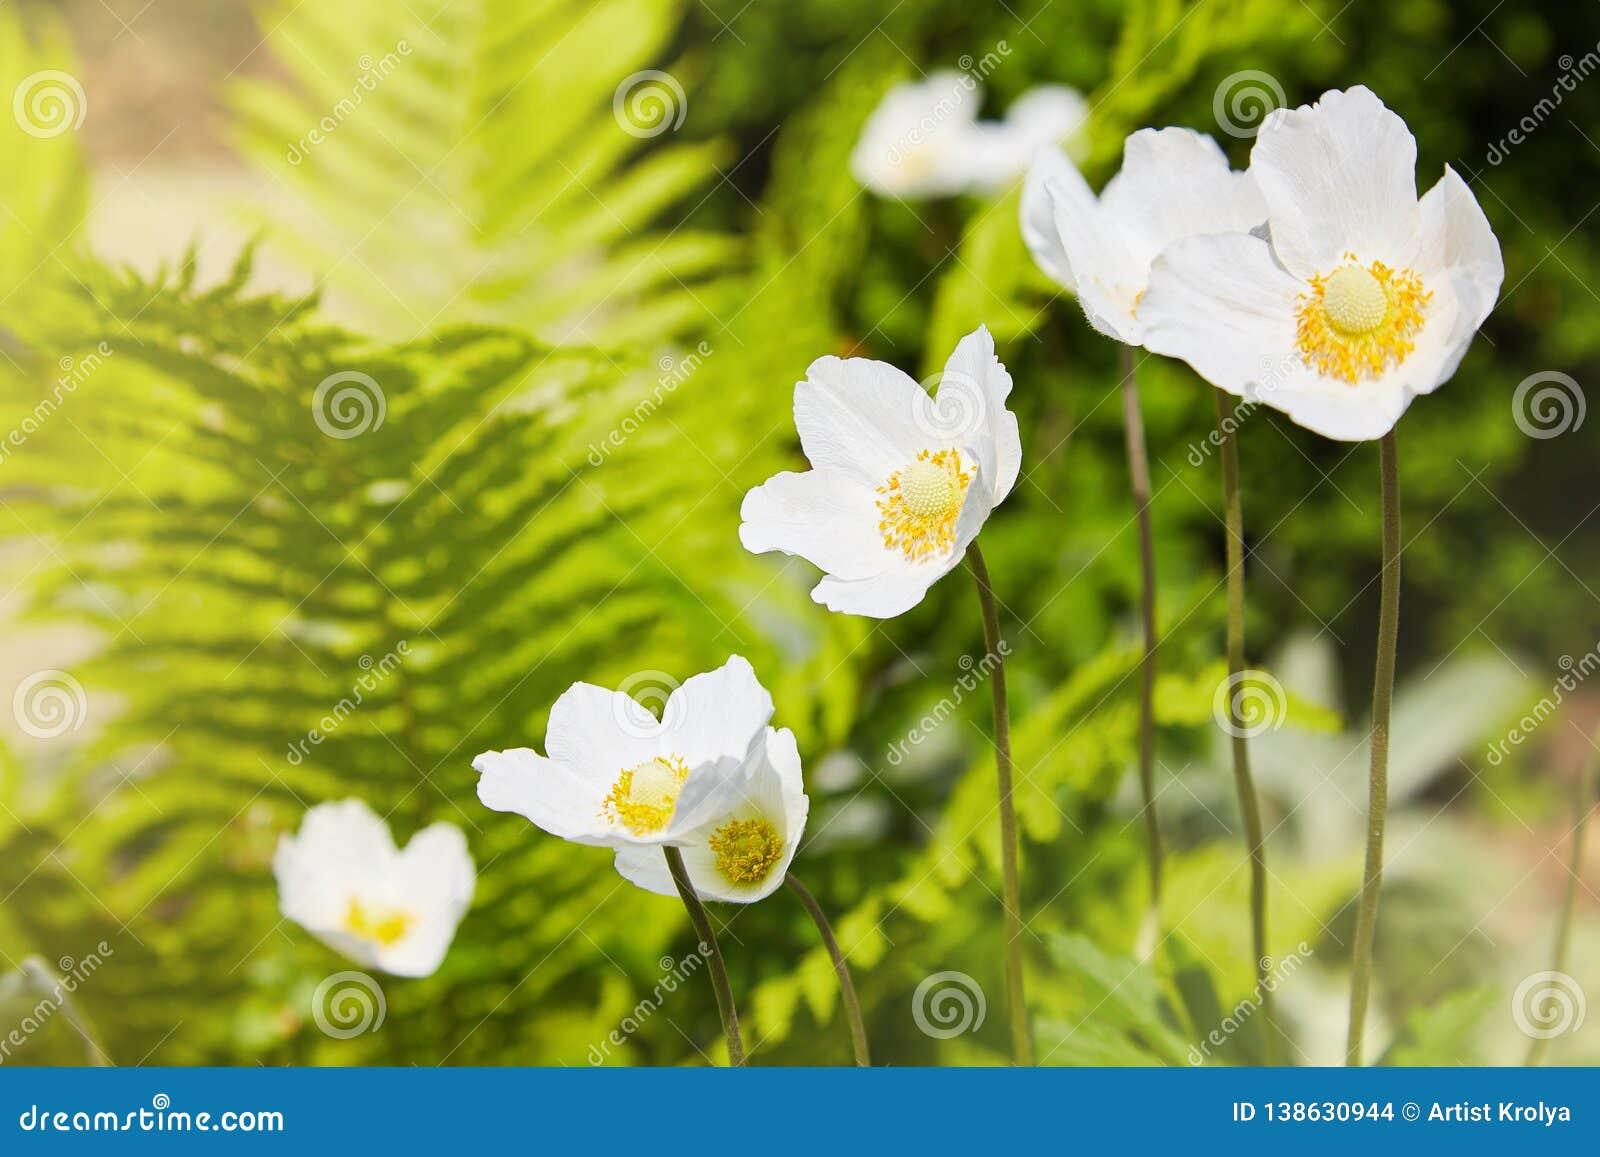 Biali kwiaty Anemonowy sylvestris śnieżyczki anemon